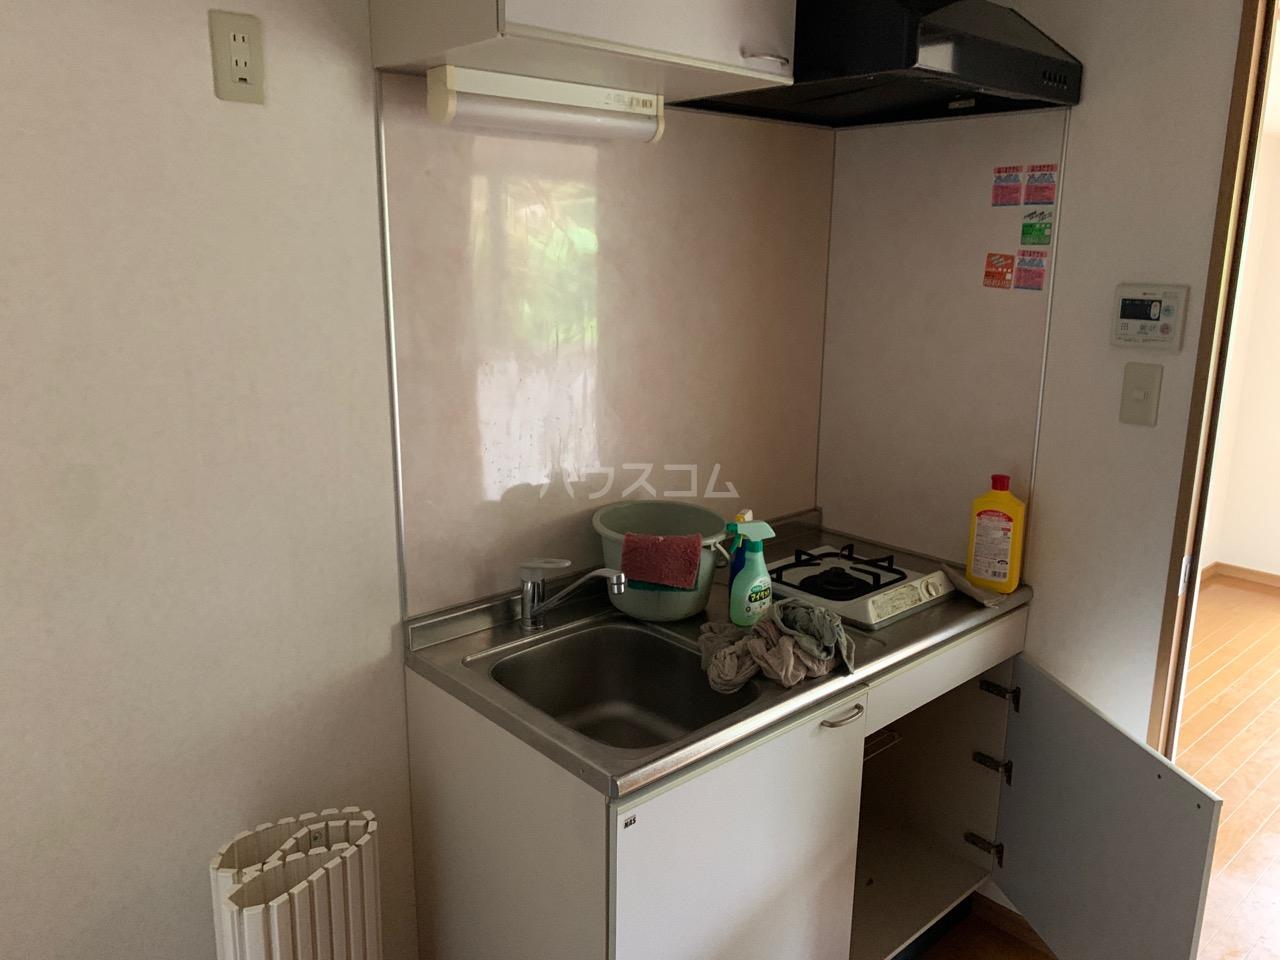 横浜元町ガーデン12 301号室のキッチン